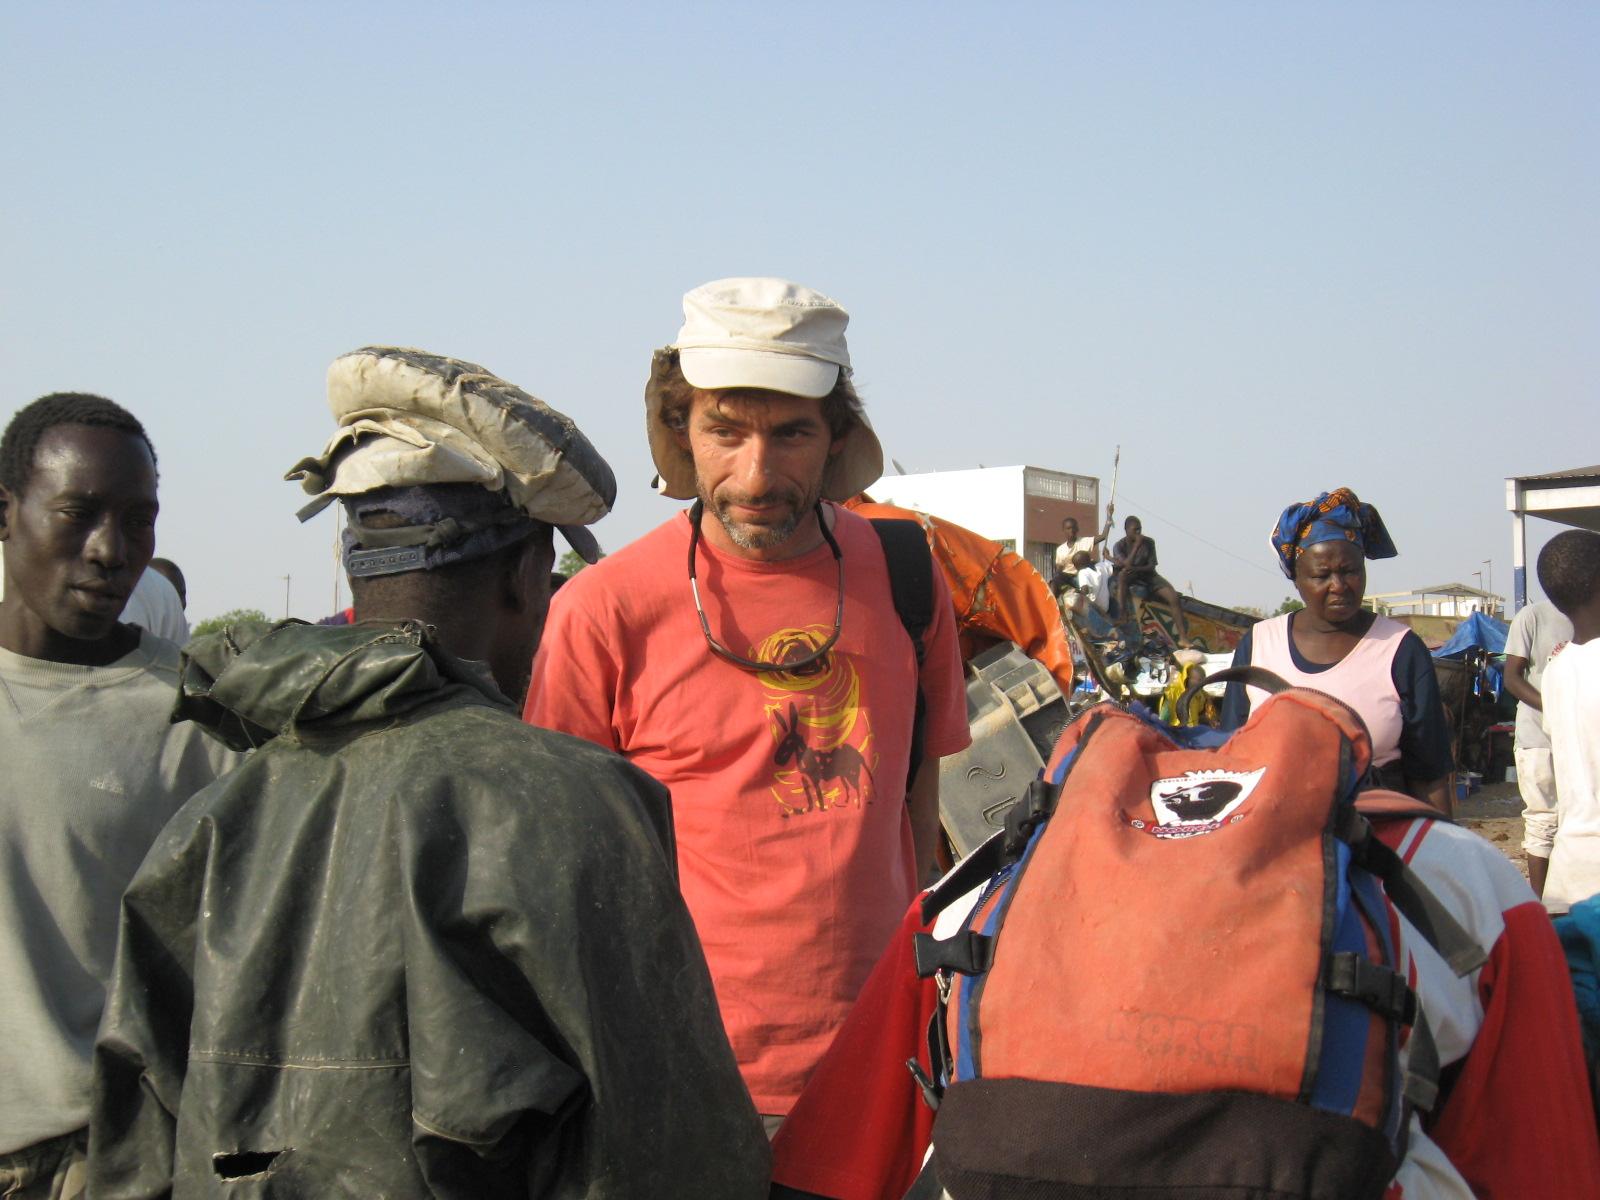 Gilles en Afrique